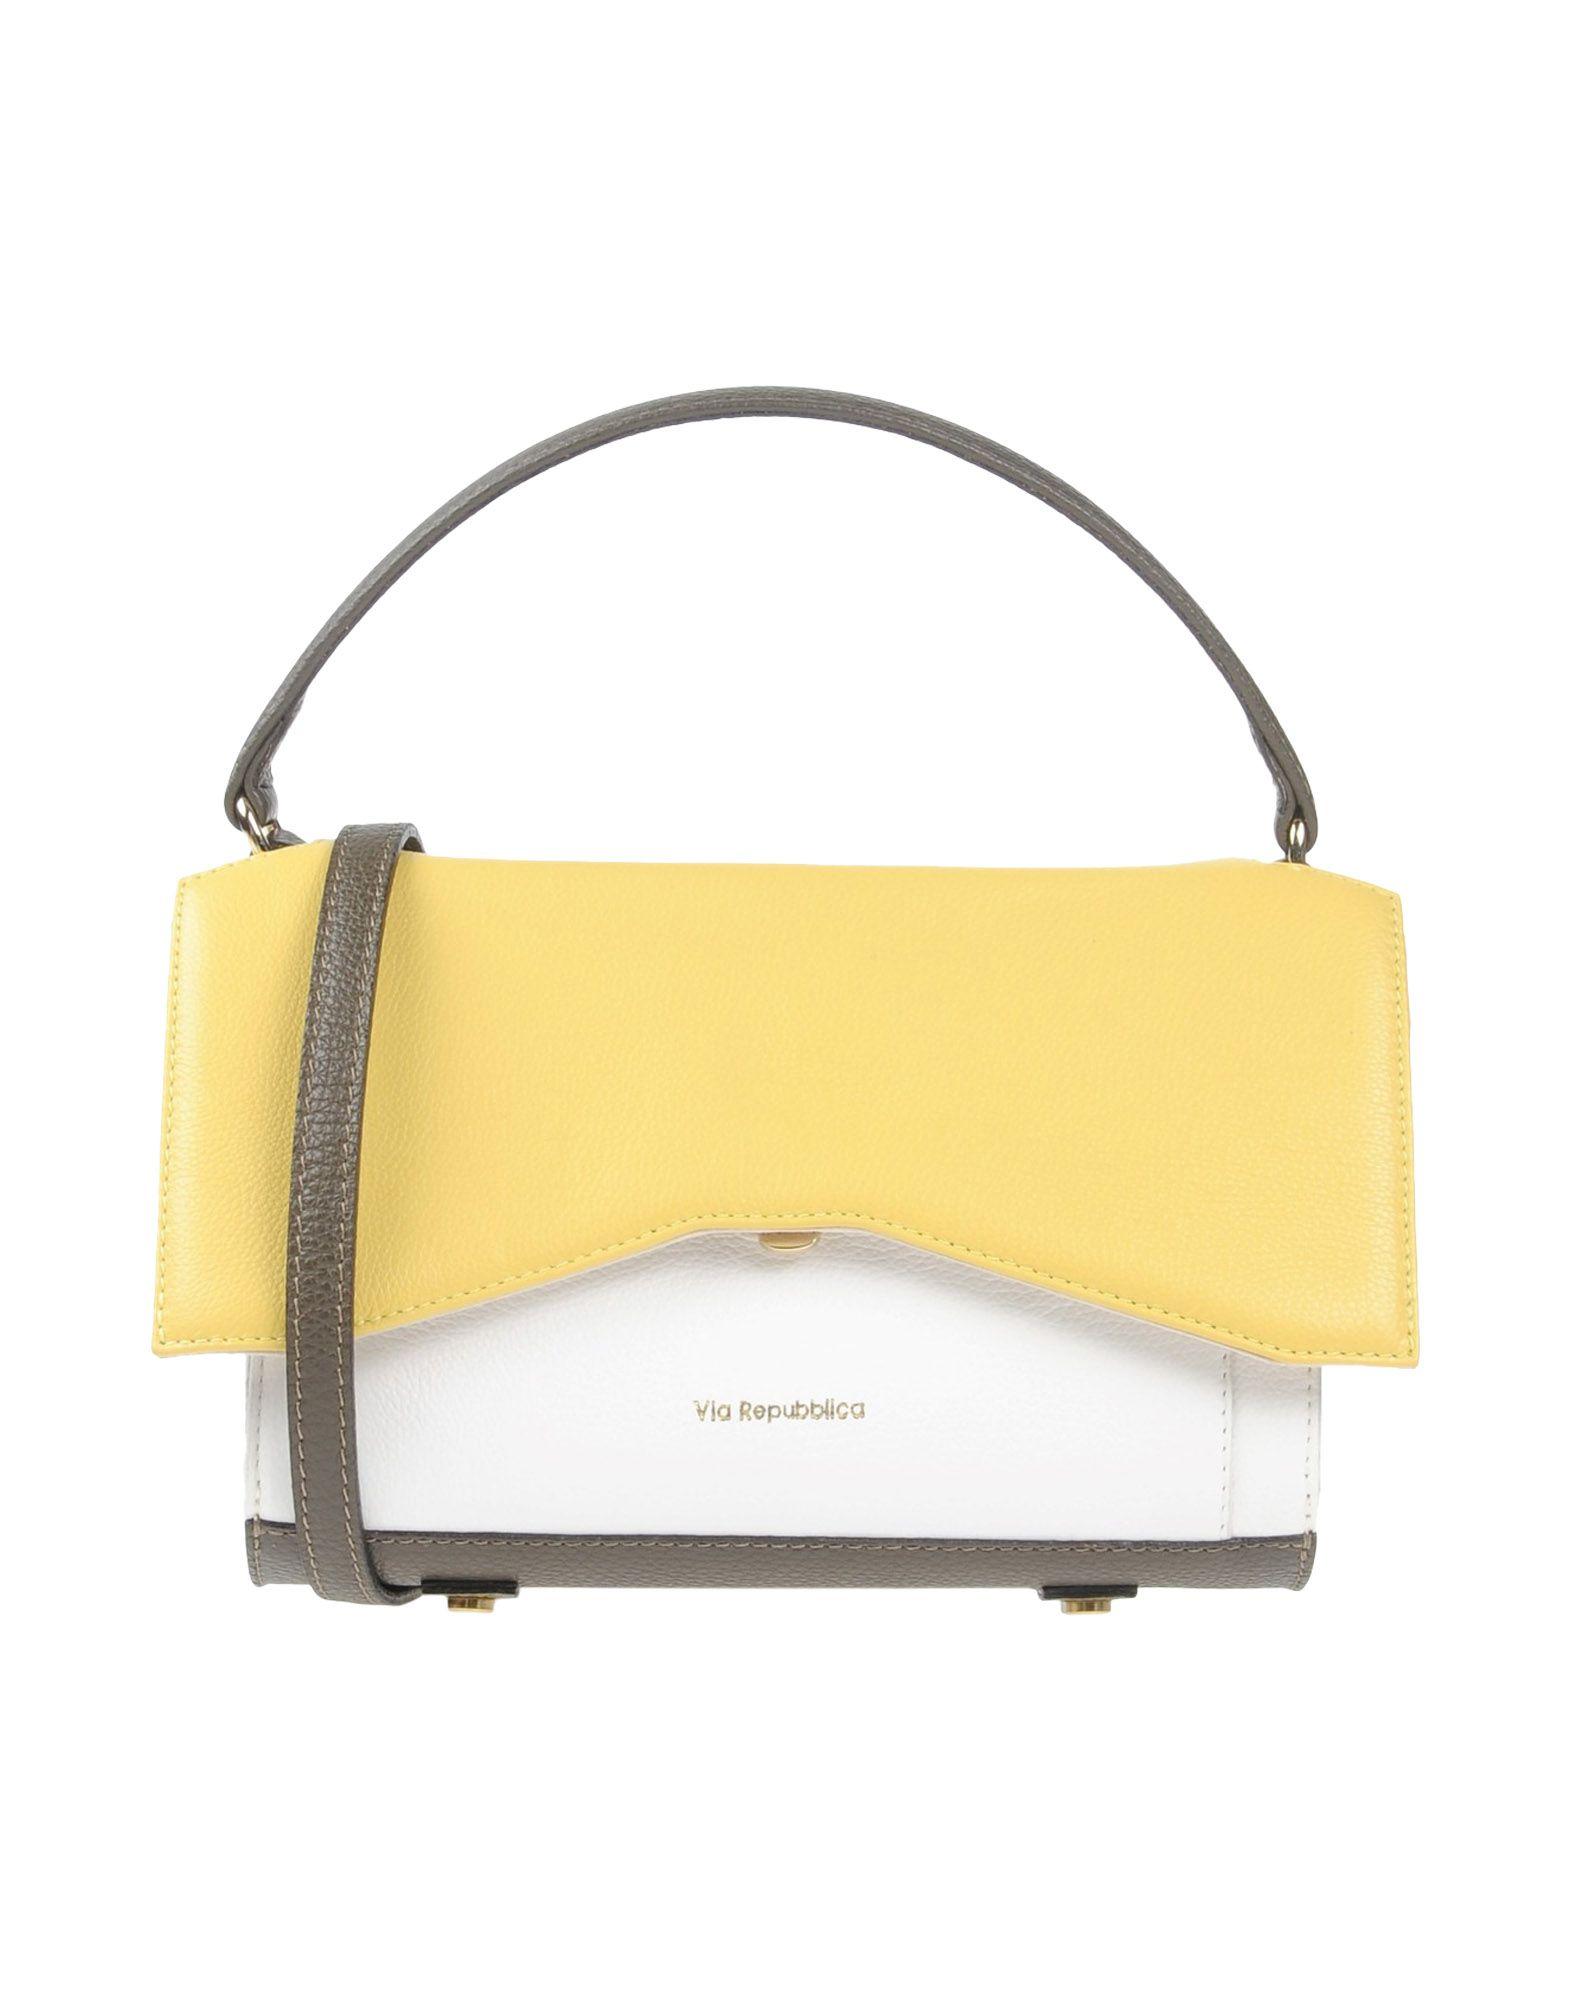 VIA REPUBBLICA Damen Handtaschen Farbe Gelb Größe 1